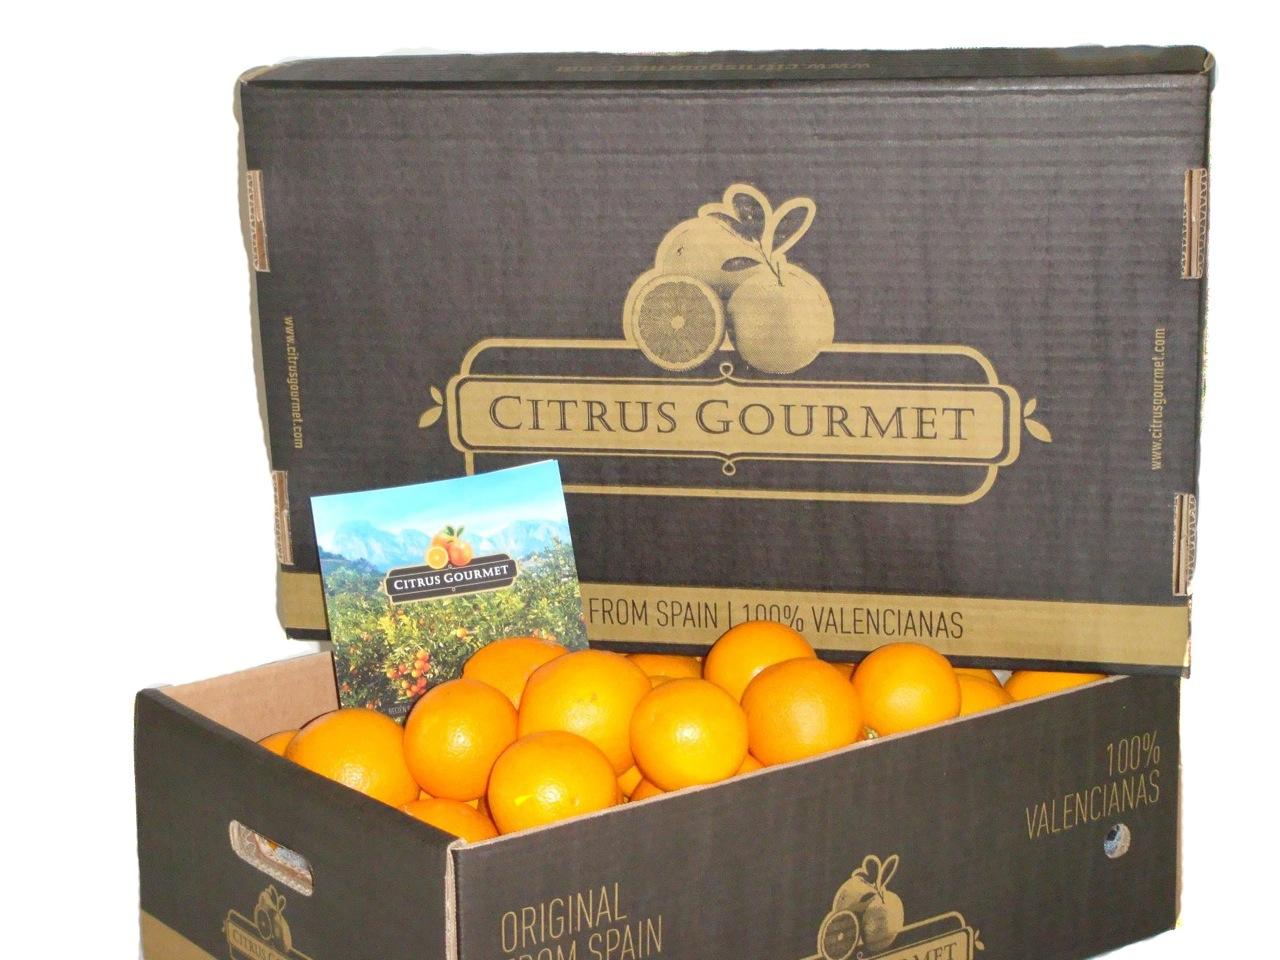 Apfelsinen aus Valencia von CitrusGourmet. Tafelqualität 15 kg